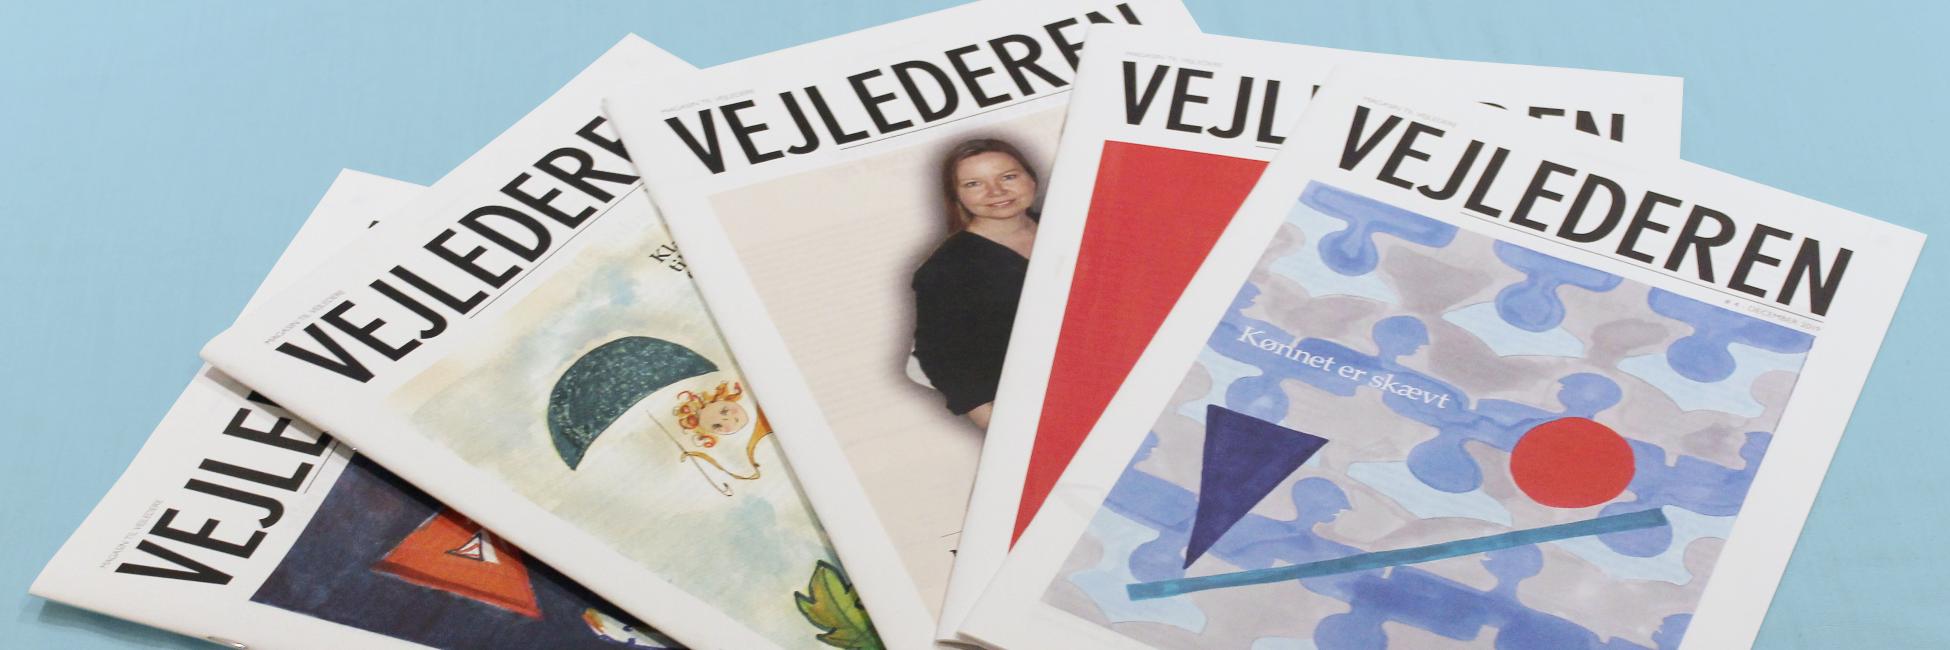 Fem numre af medlemsbladet VEJLEDEREN, liggende side om side